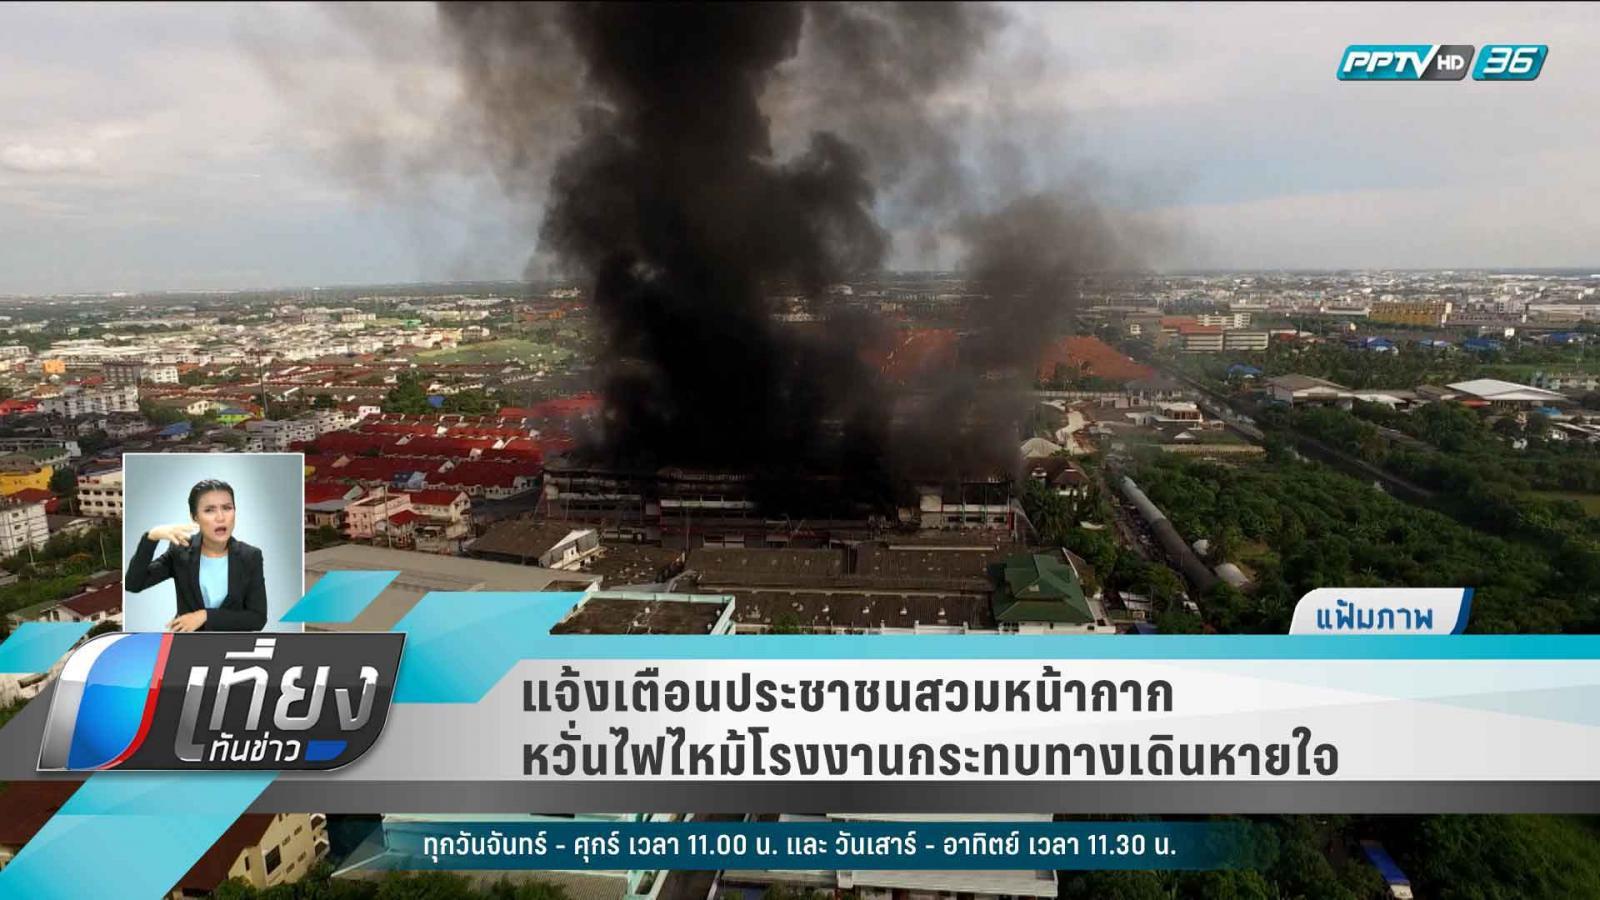 แจ้งประชาชนสวมหน้ากากหวั่นสารพิษไฟไหม้โรงงานกระทบการหายใจ